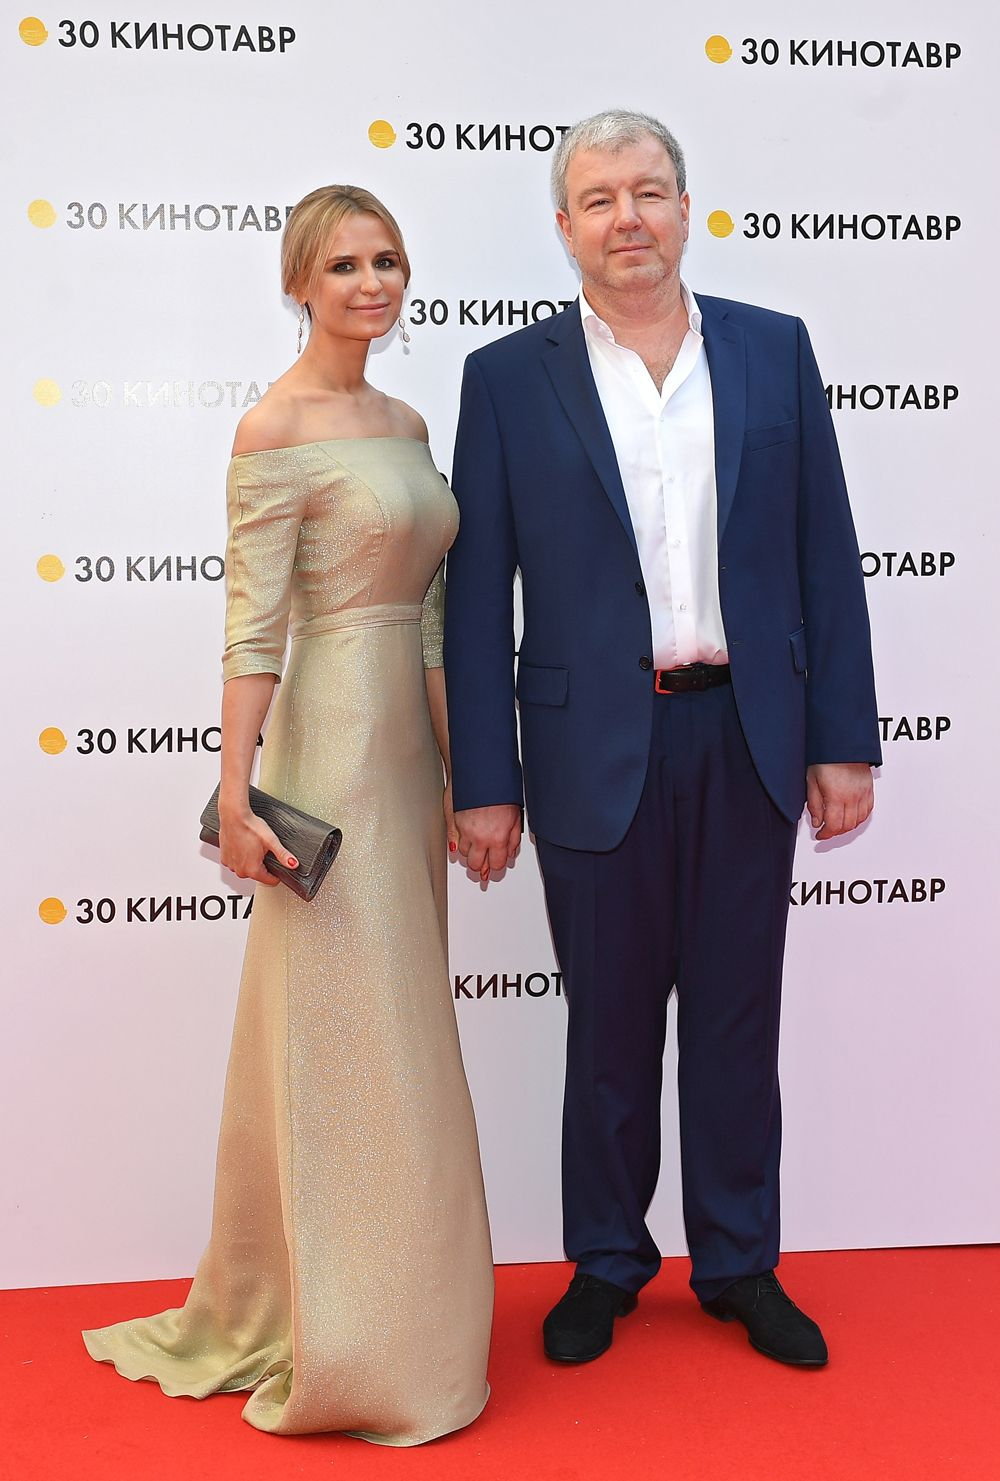 Актёр Александр Робак с супругой Ольгой.